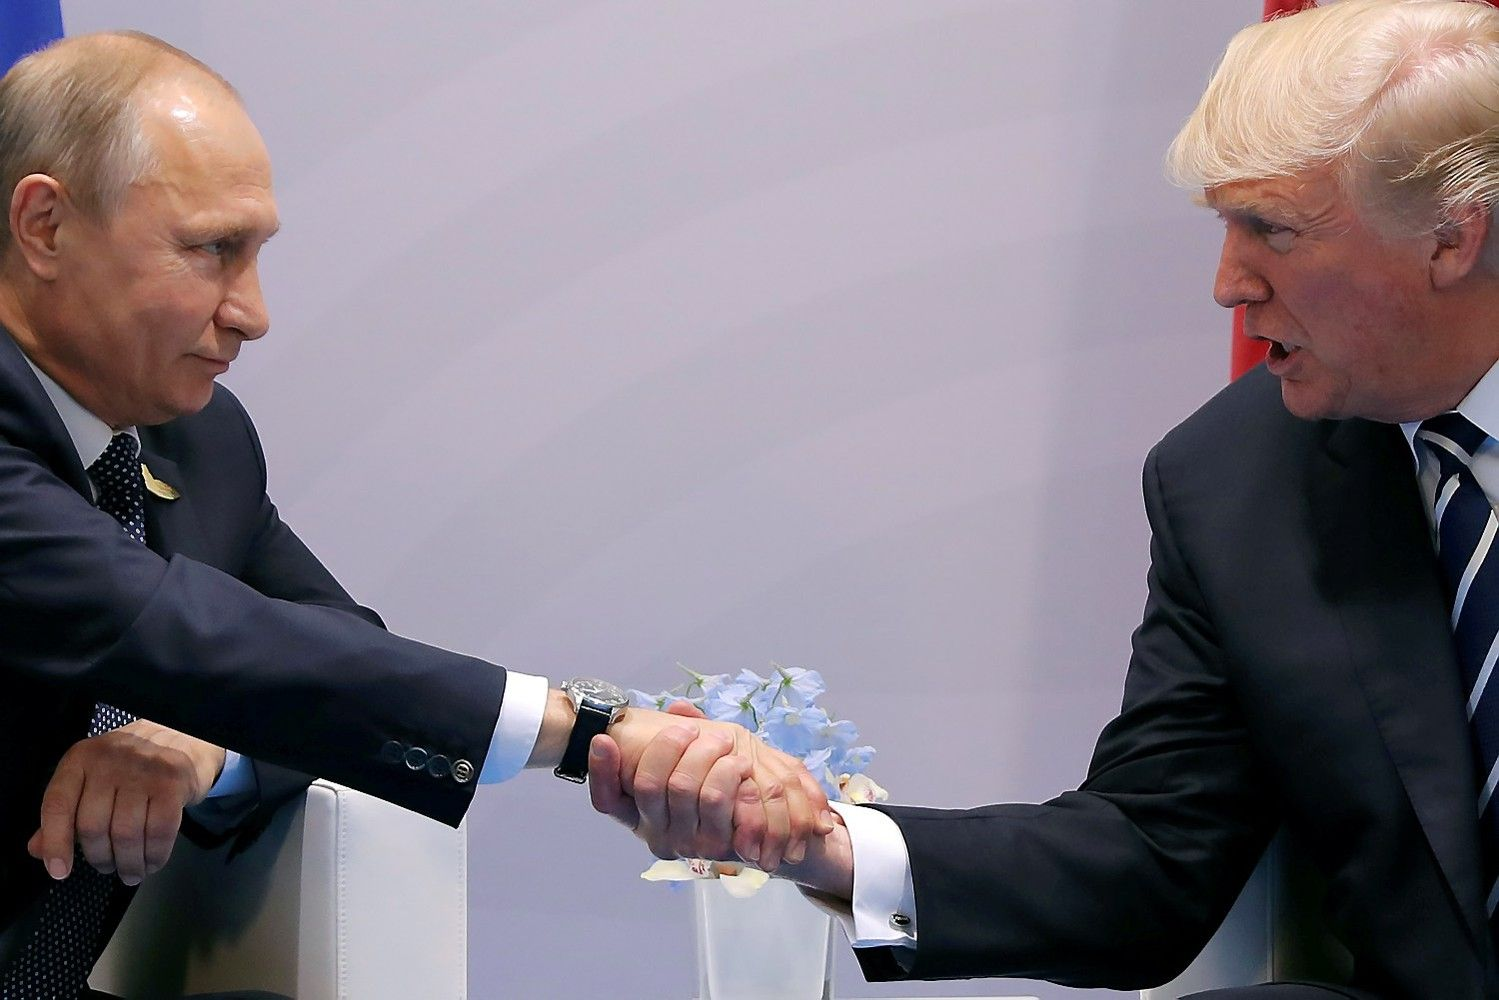 Tyrimas: pasaulio gyventojailabiau pasitiki Putinu nei Trumpu